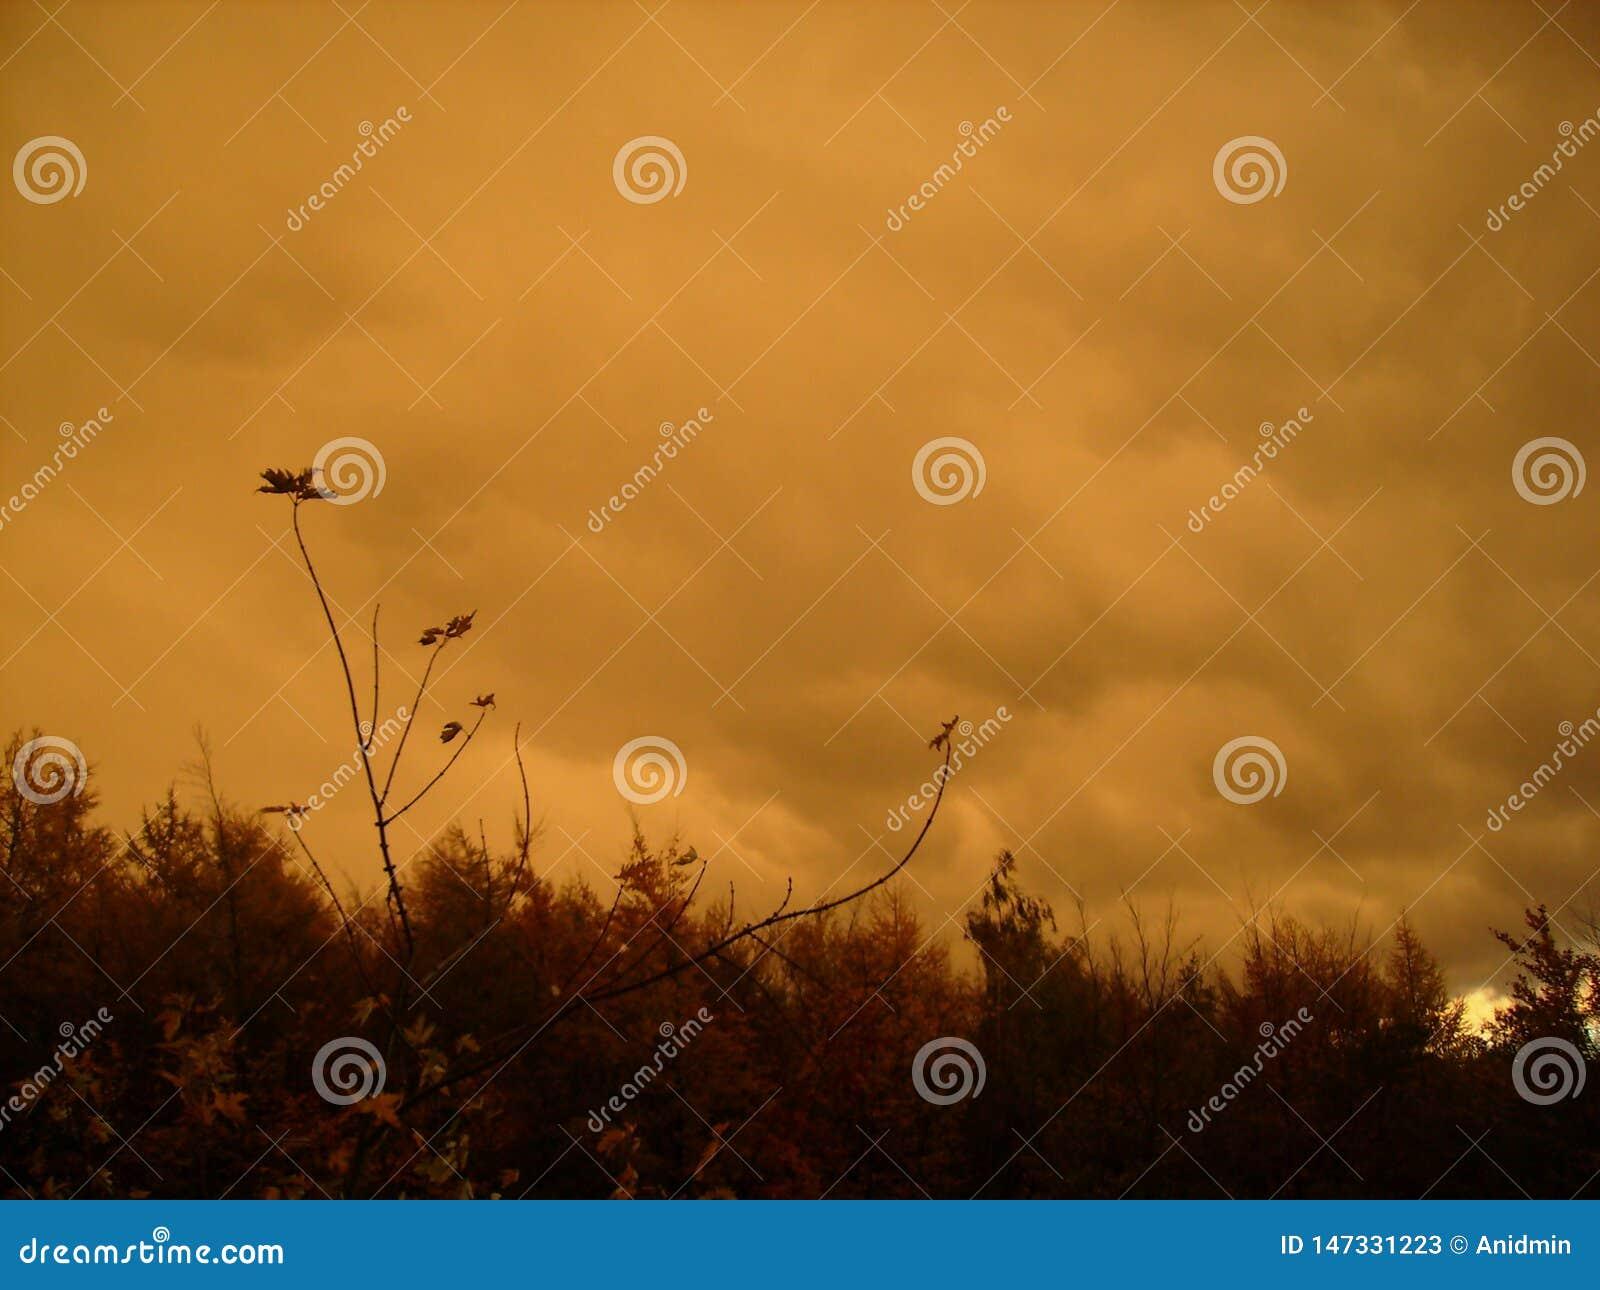 Podeszczowy zmrok - pomarańczowe chmury, louring niebo nad jesień lasem